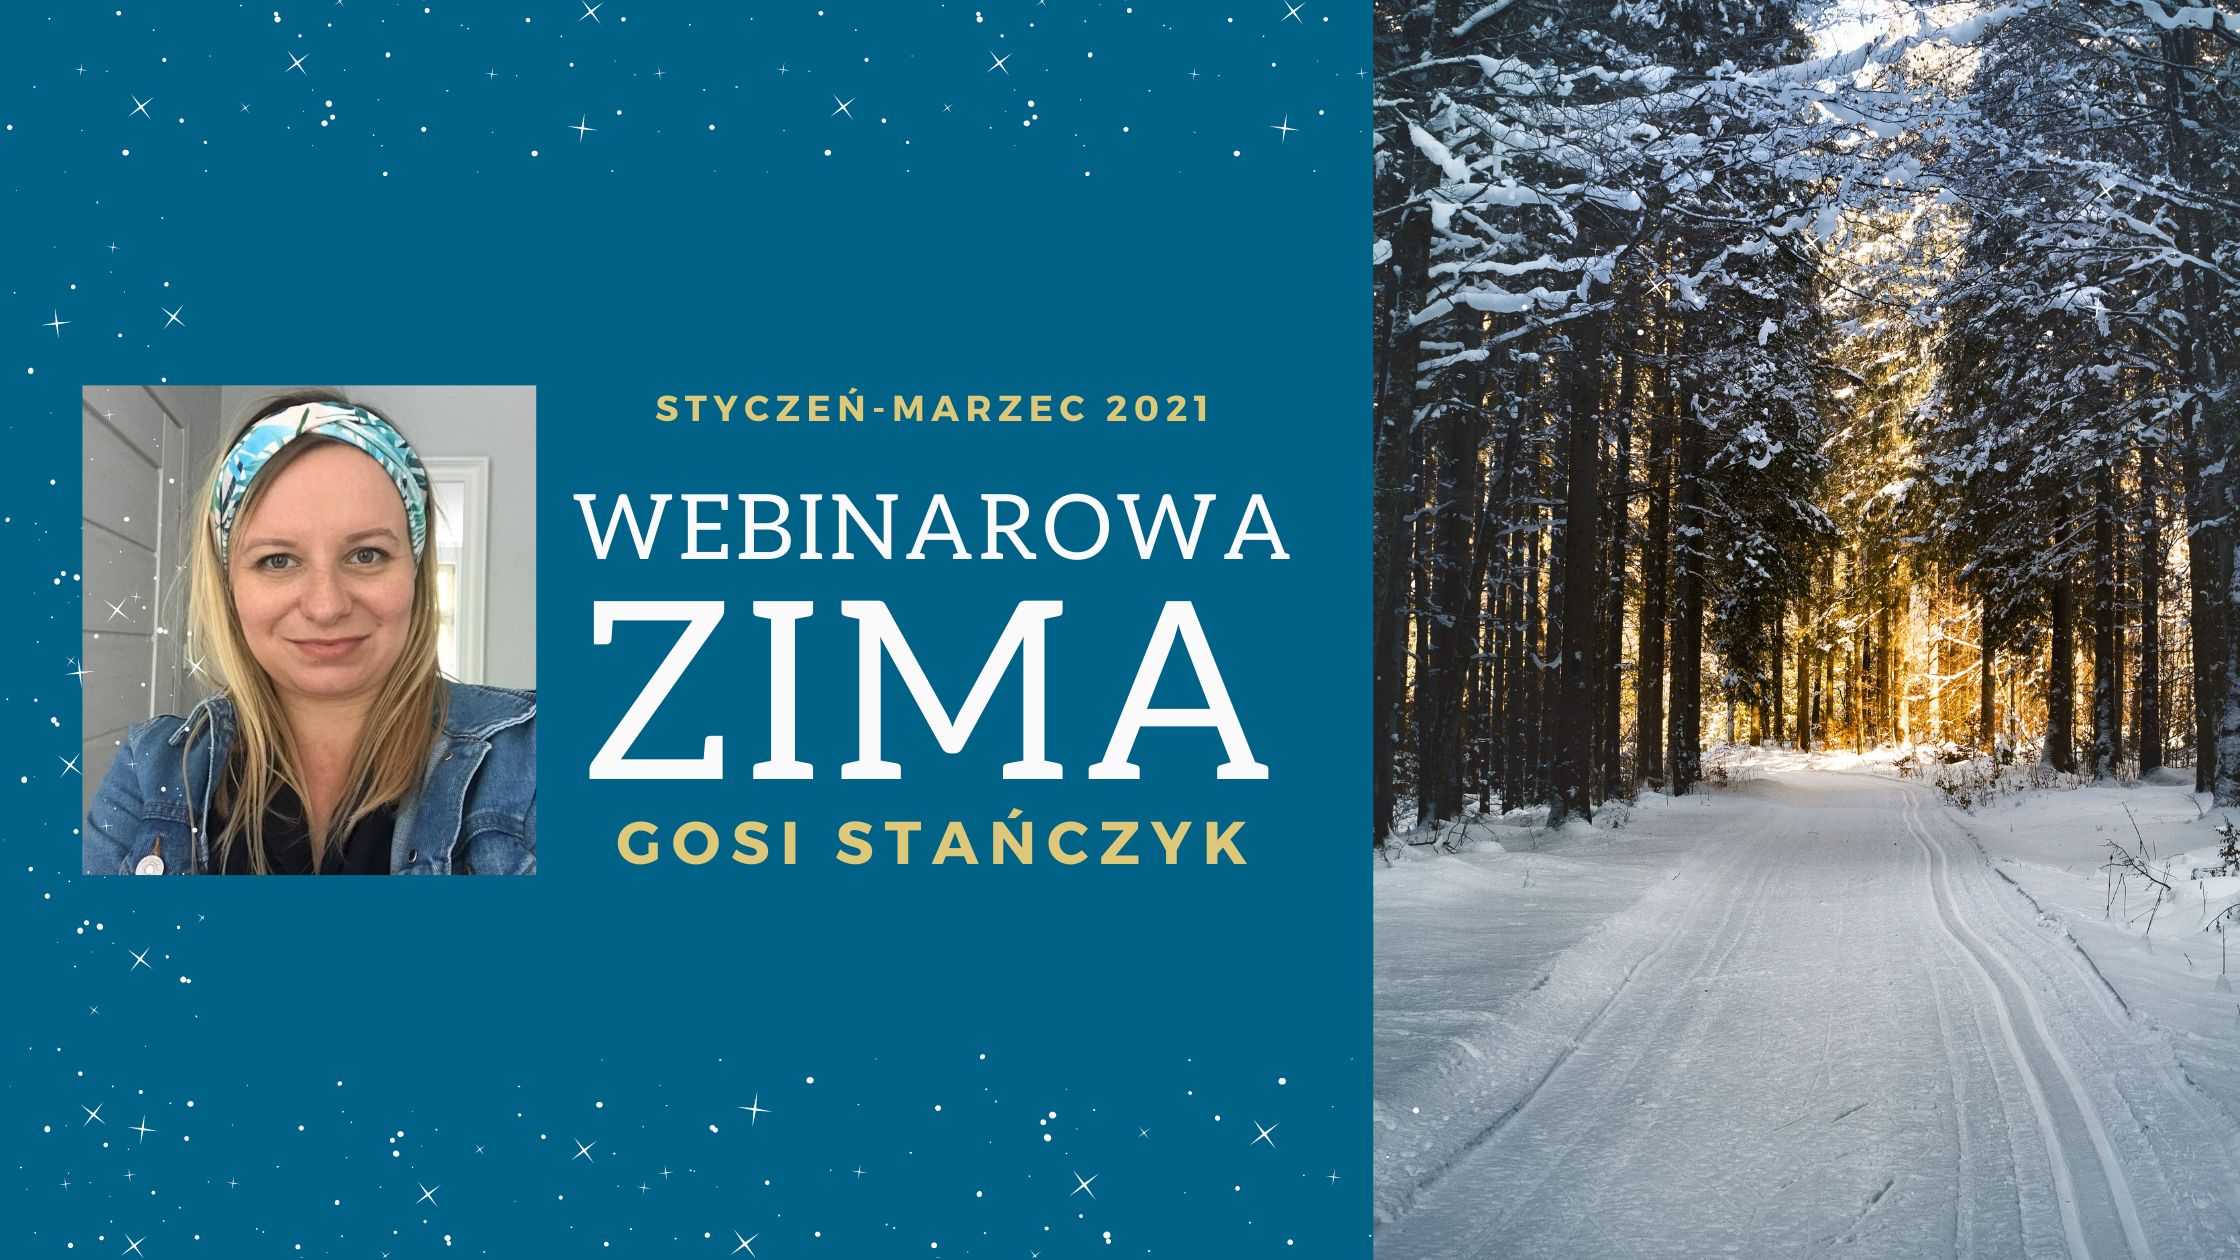 Kopia Webinarowa Zima 2021 cover